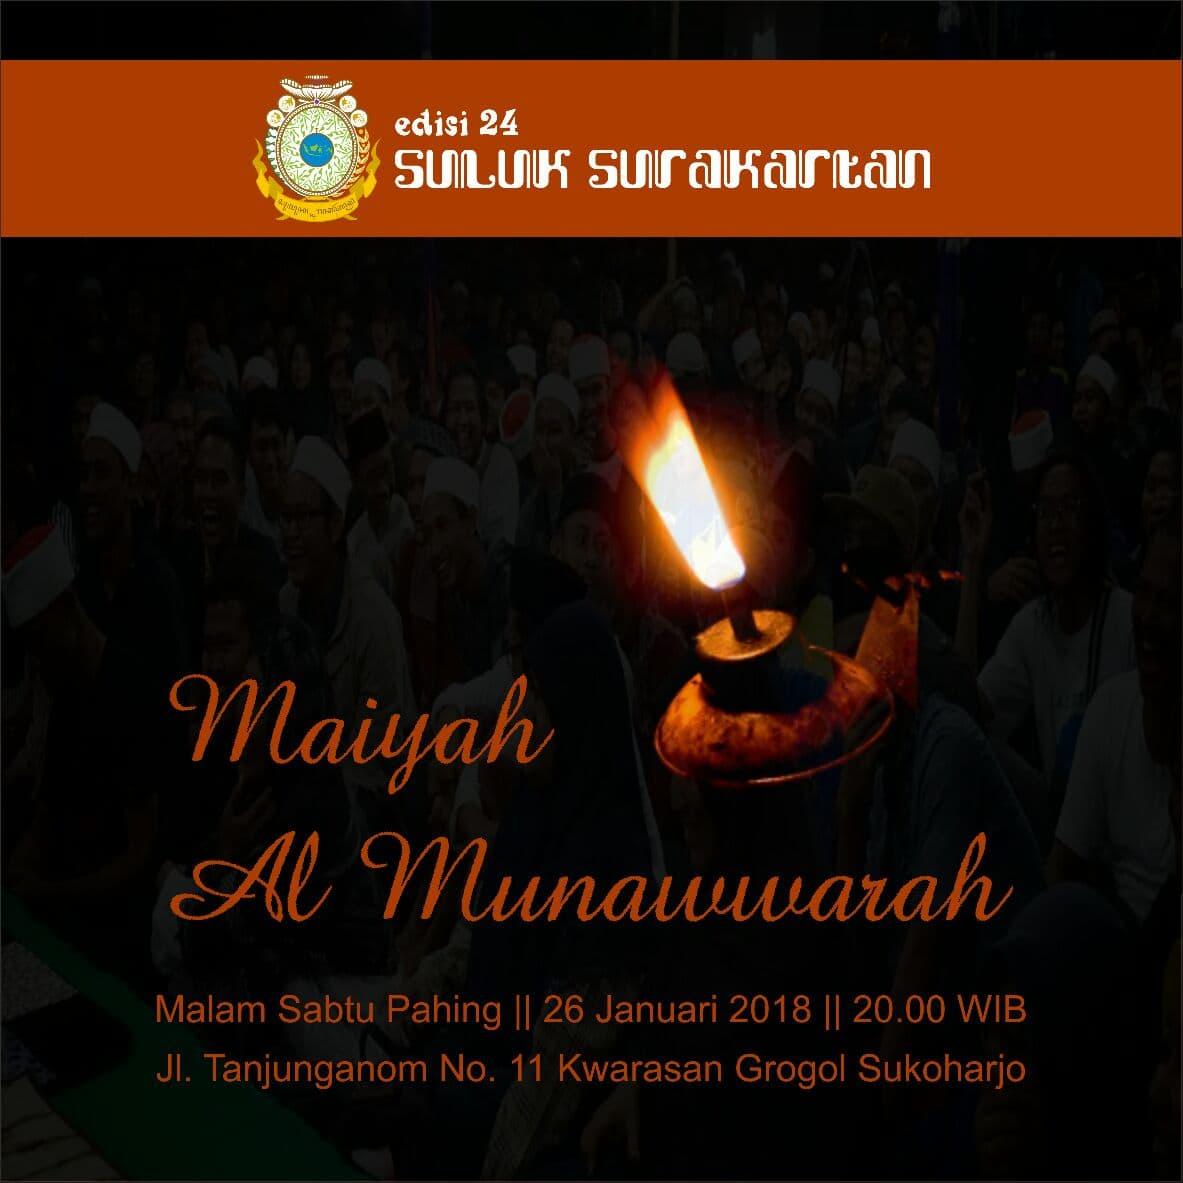 Maiyah Al-Munawwarah